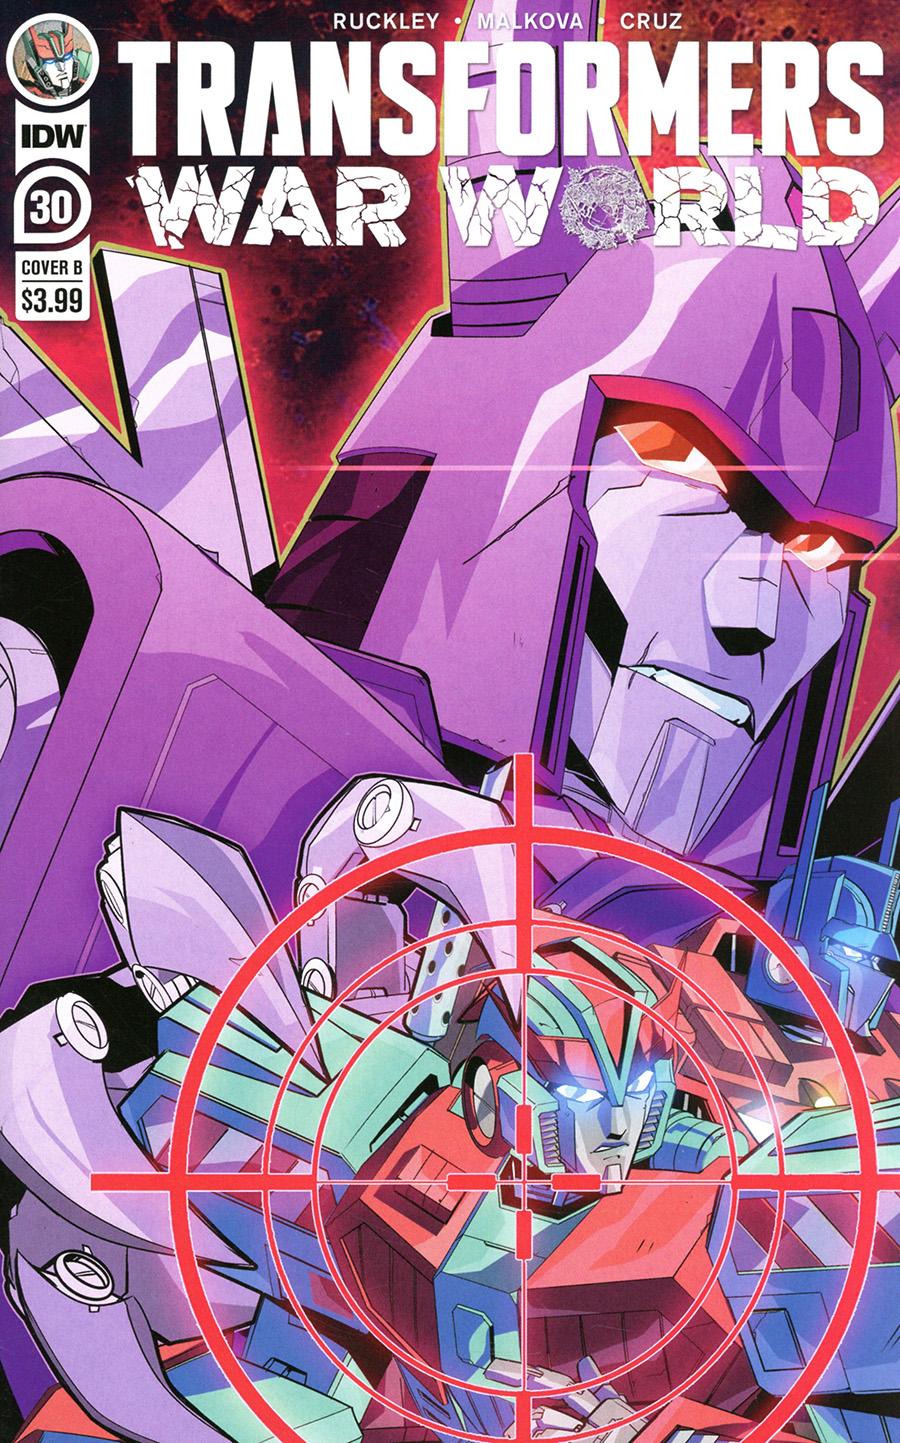 Transformers Vol 4 #30 Cover B Variant Priscilla Tramontano Cover